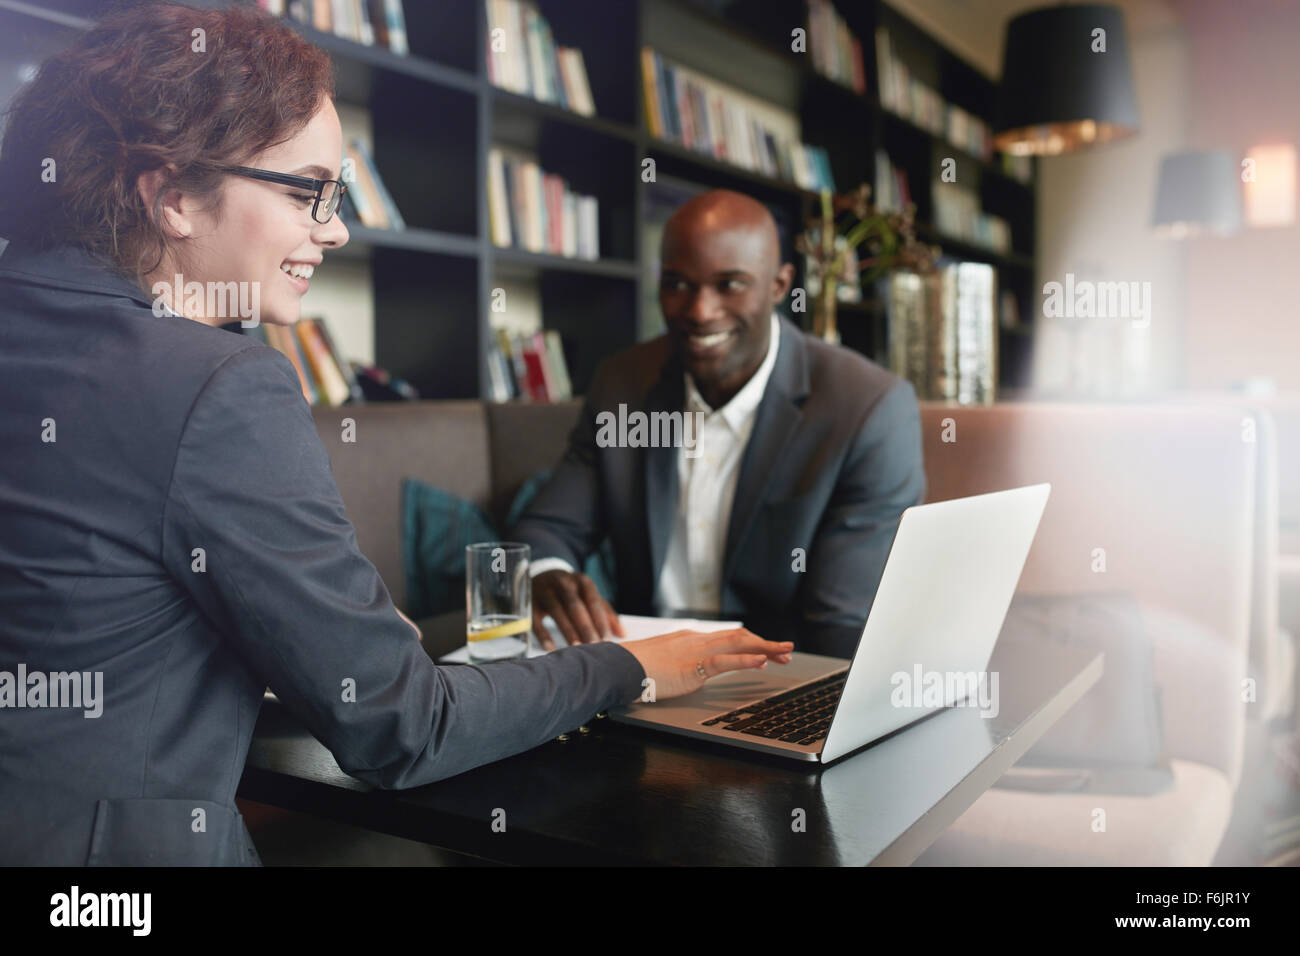 Joven Empresaria mostrando presentación sobre la laptop a su socio de negocios. Feliz ejecutivos en una reunión Imagen De Stock